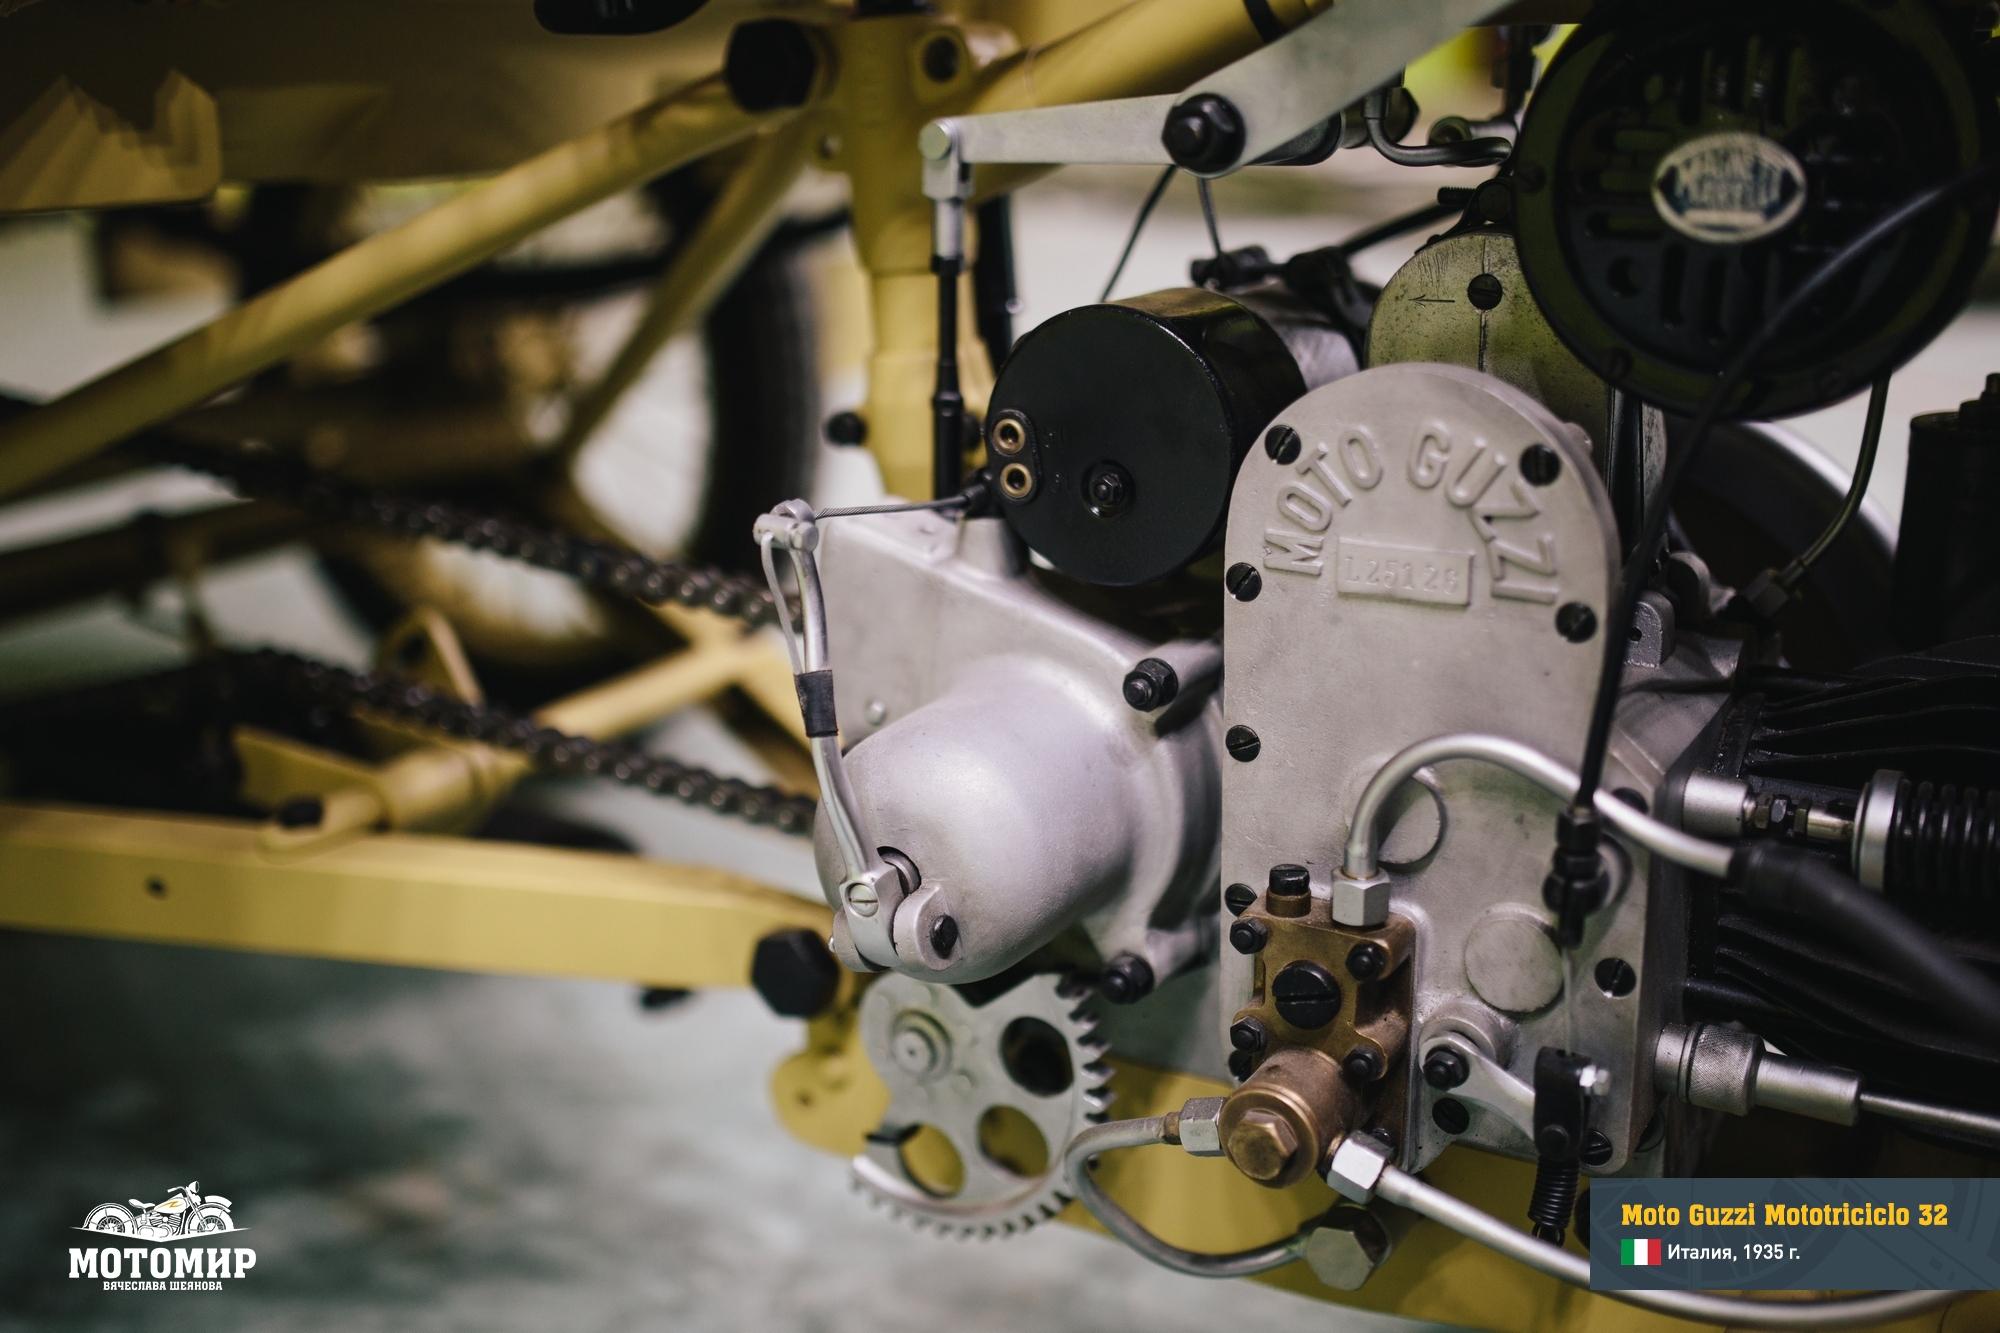 moto-guzzi-mototriciclo-32-web-26